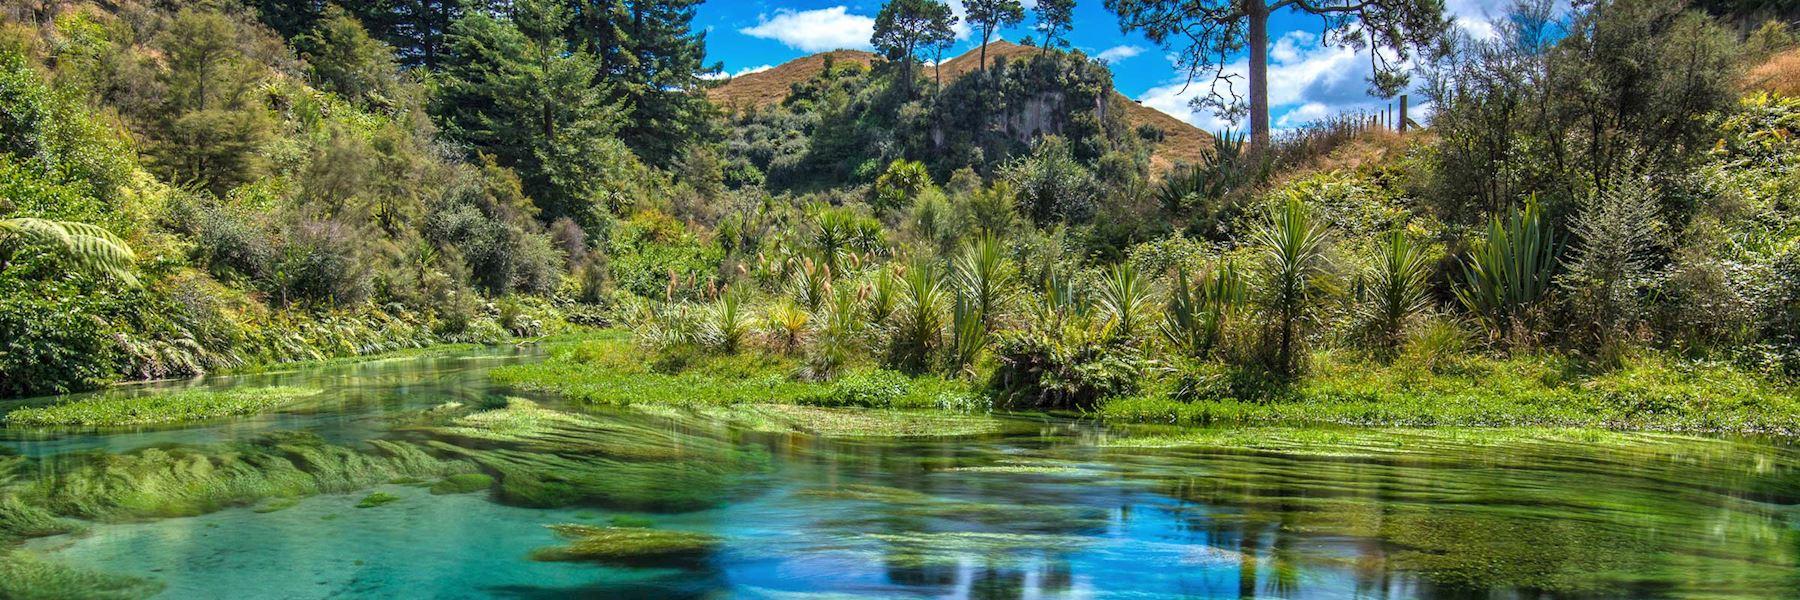 Visit Waikato, New Zealand